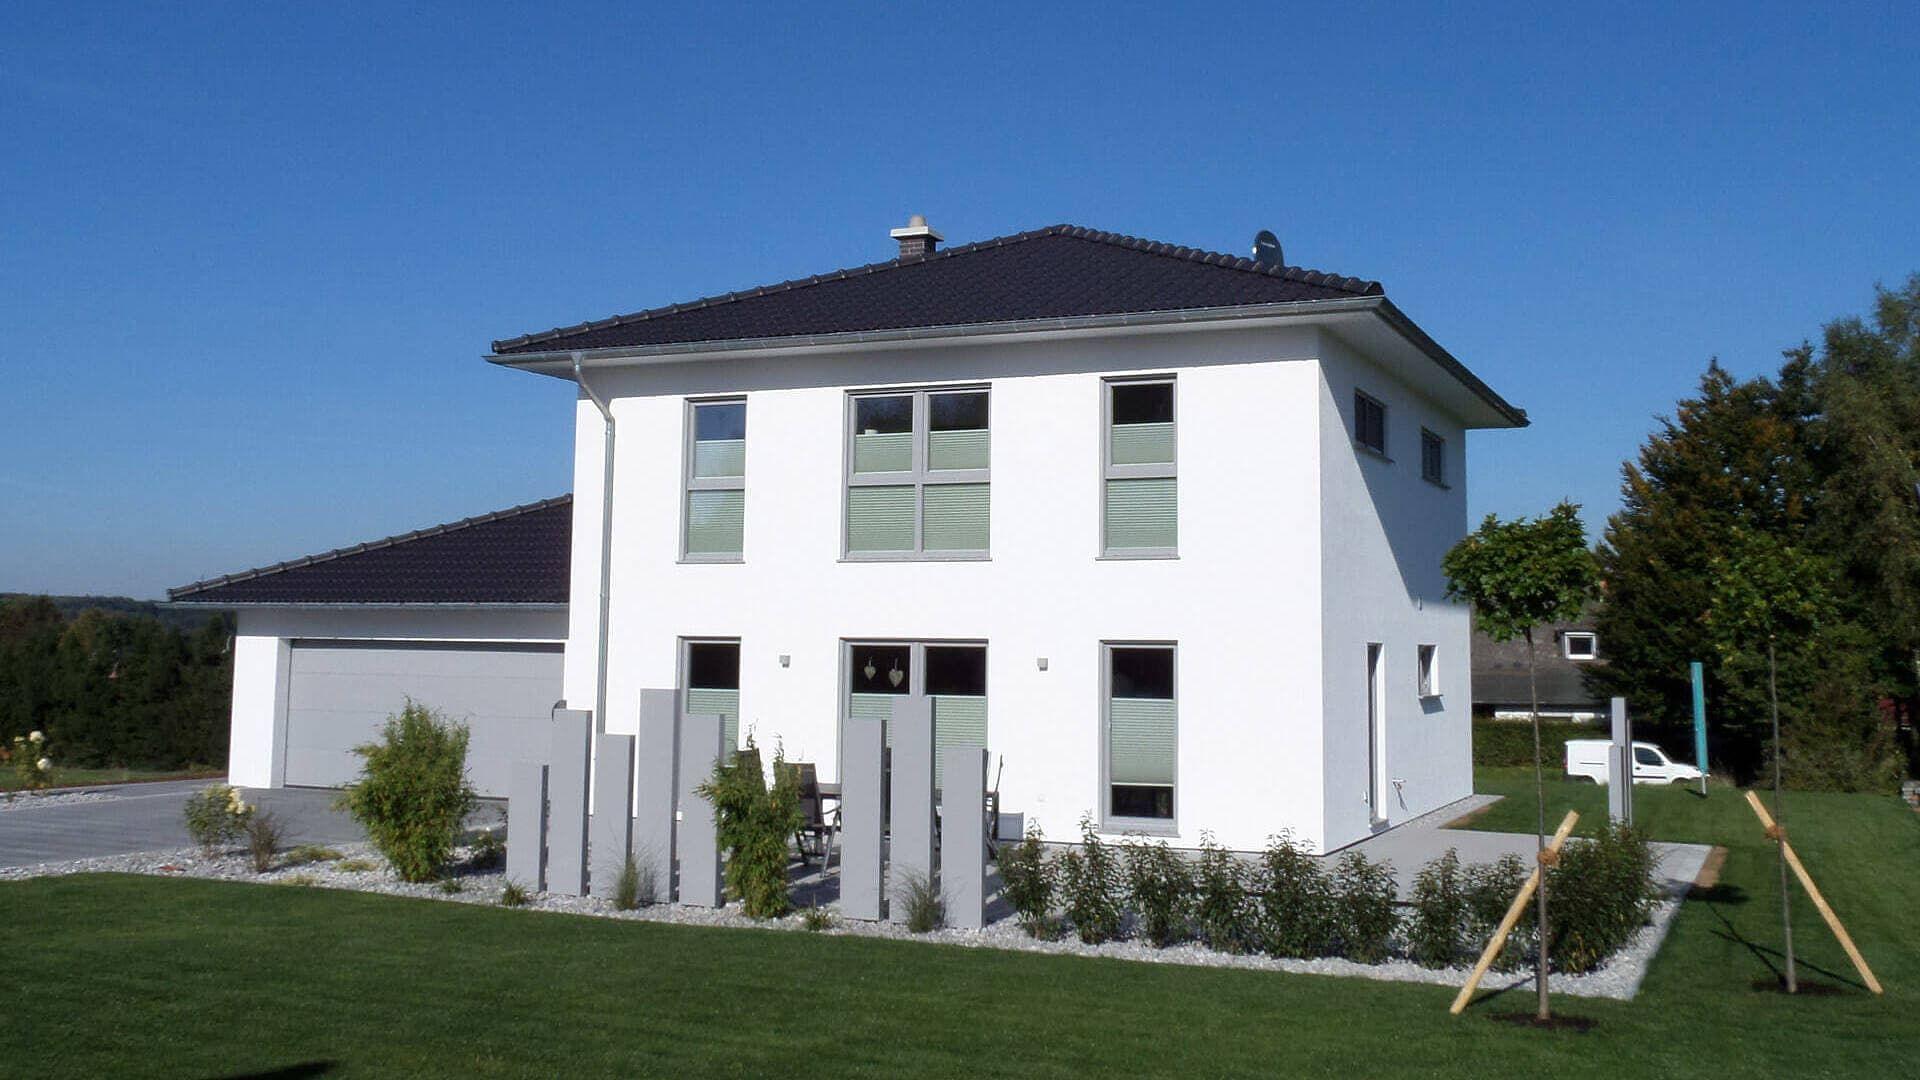 Schlüsselfertiges Massivhaus Spektralhaus: 1 5 Geschossig Stadtvilla